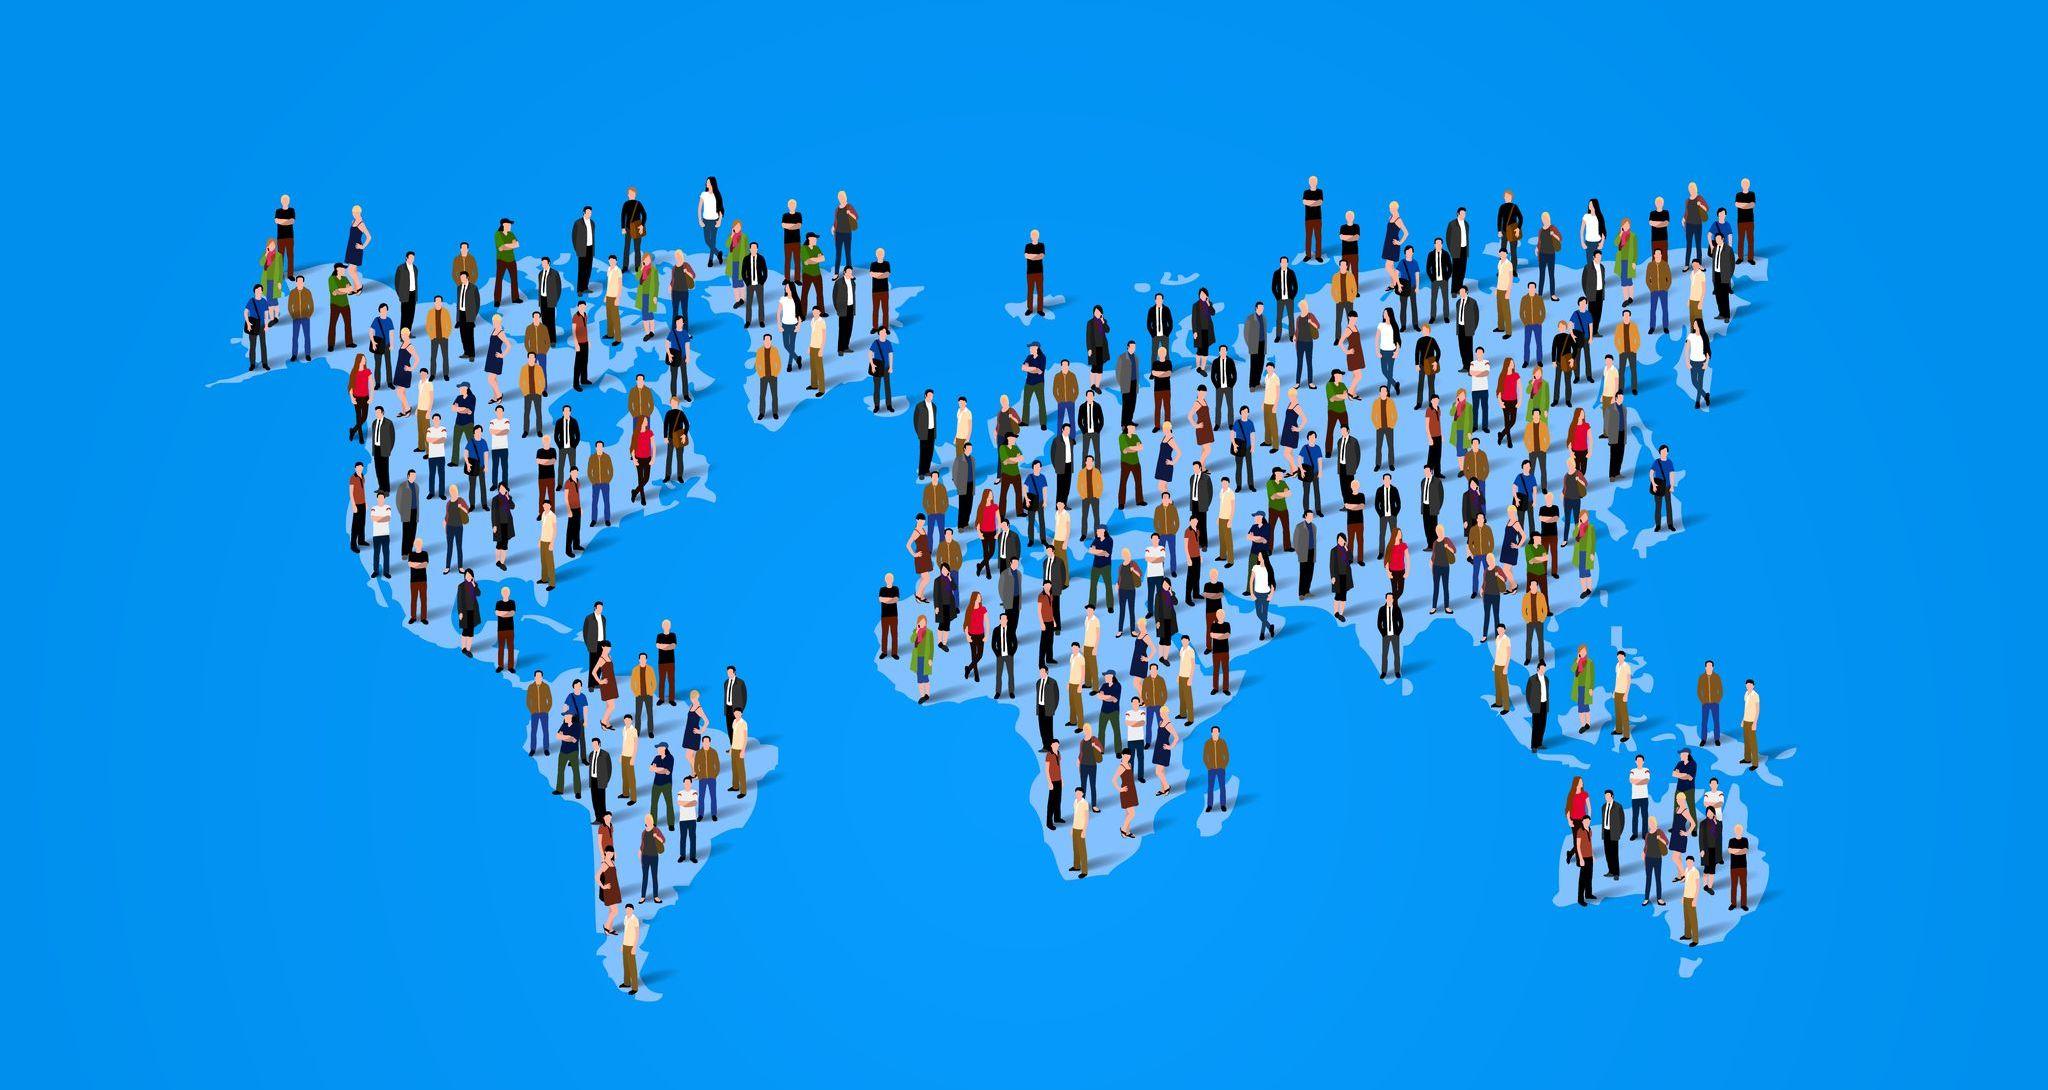 Управляют странами онлайн: как украинская IT-компания создает технологии для правительств